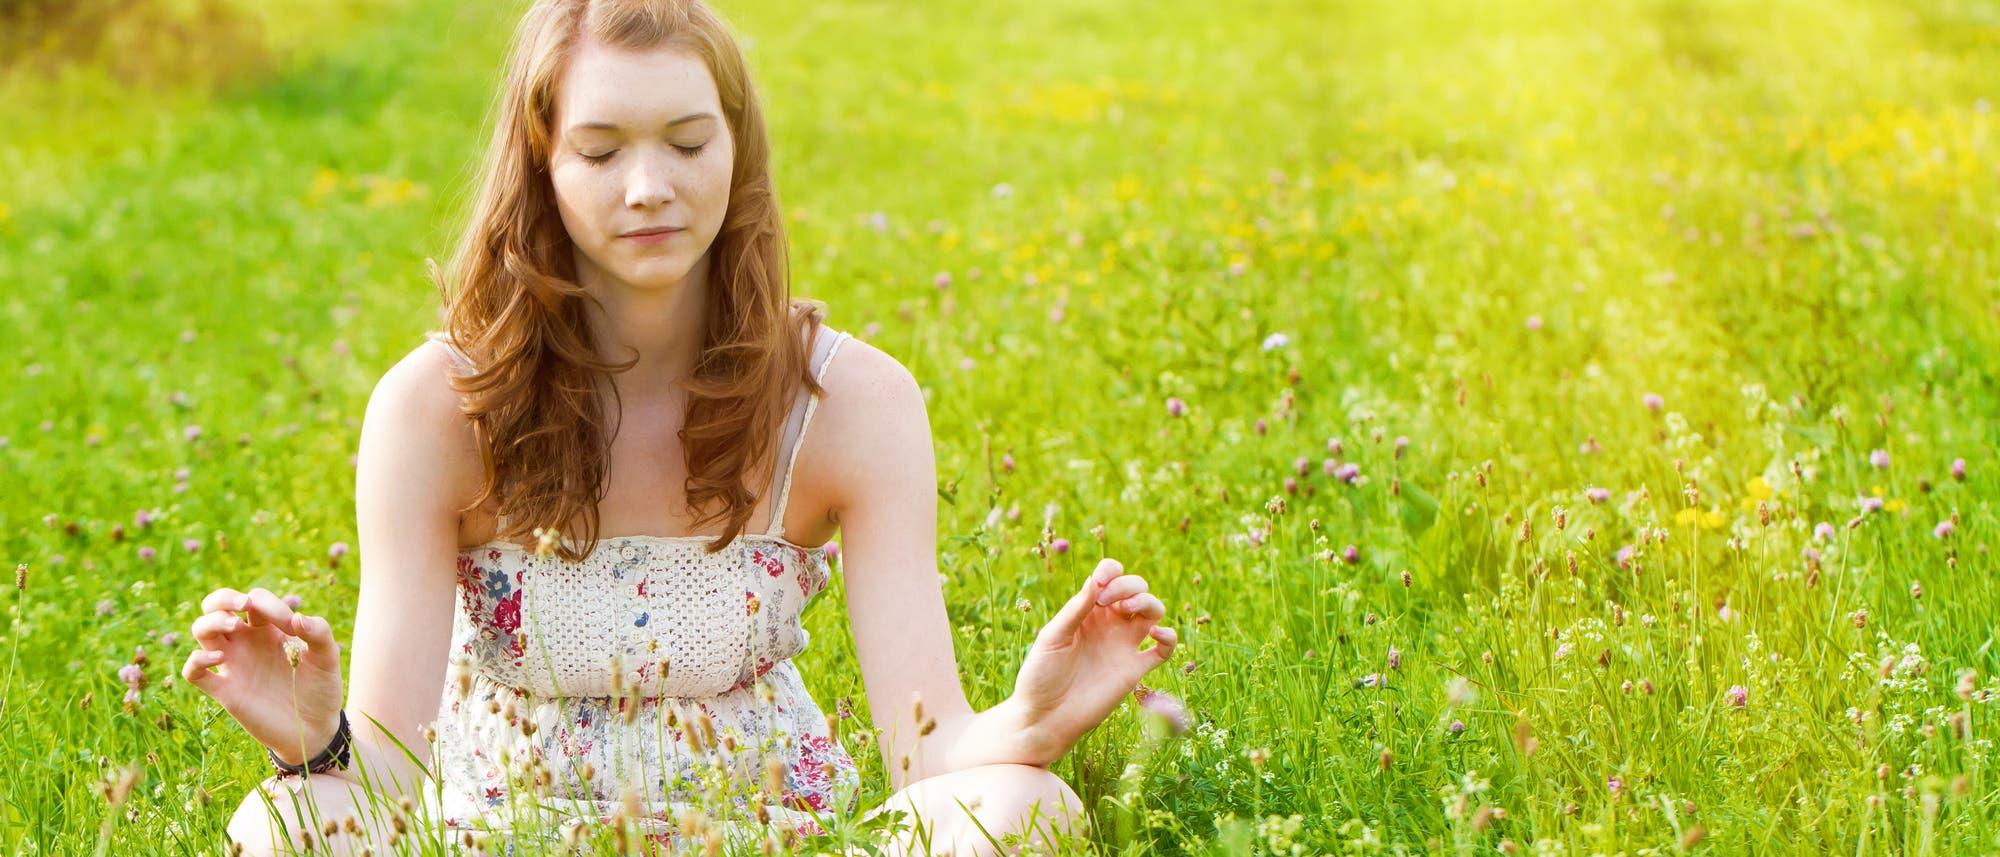 Jugendliche meditiert auf Wiese